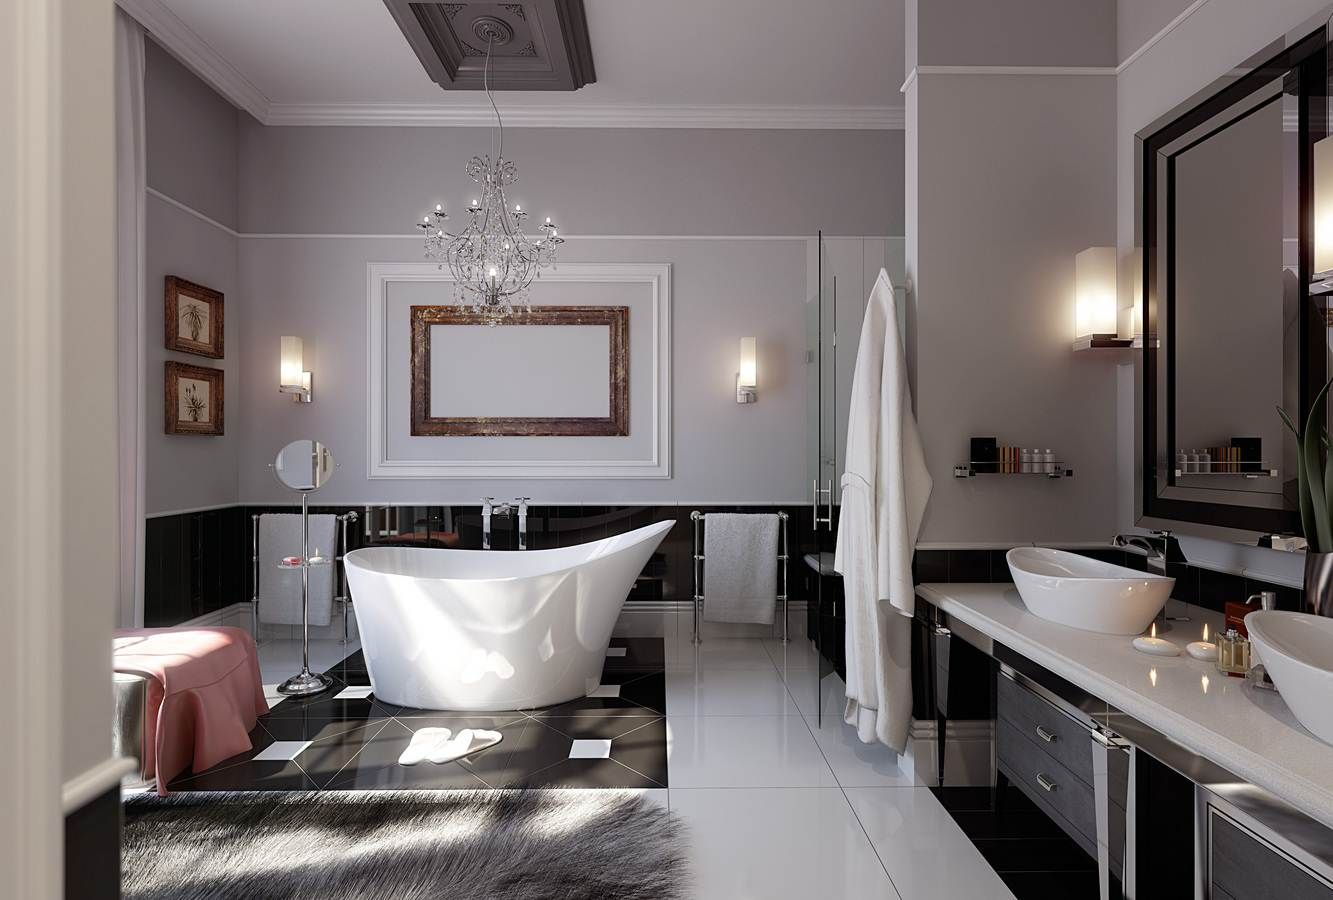 Moderne Badezimmer Kronleuchter Zu Modernisieren Ihr Bad #Badezimmer